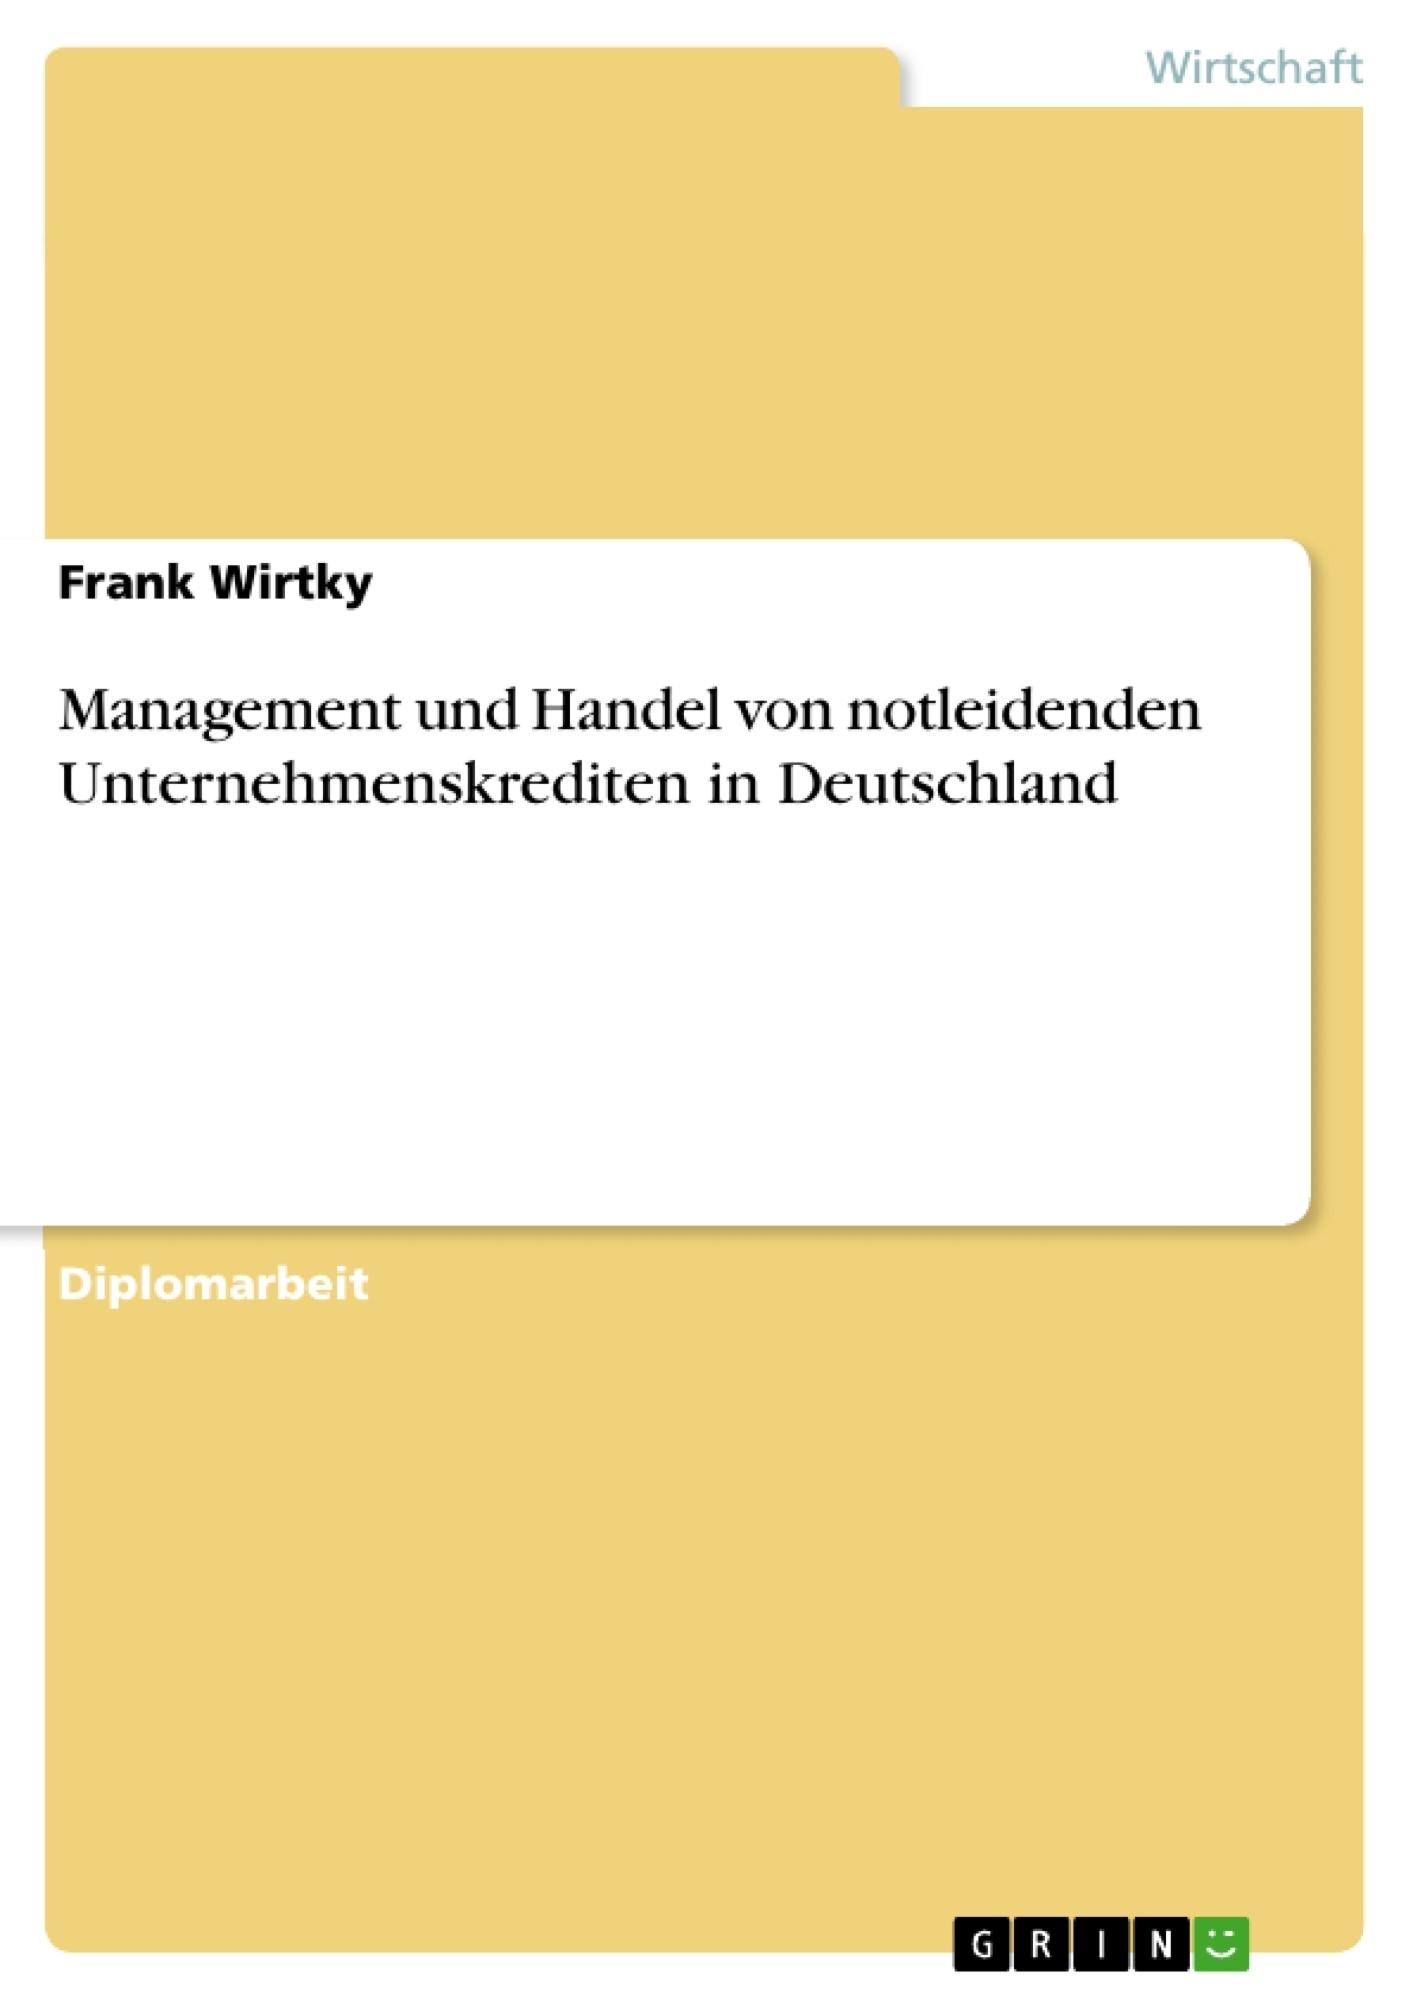 Titel: Management und Handel von notleidenden Unternehmenskrediten in Deutschland